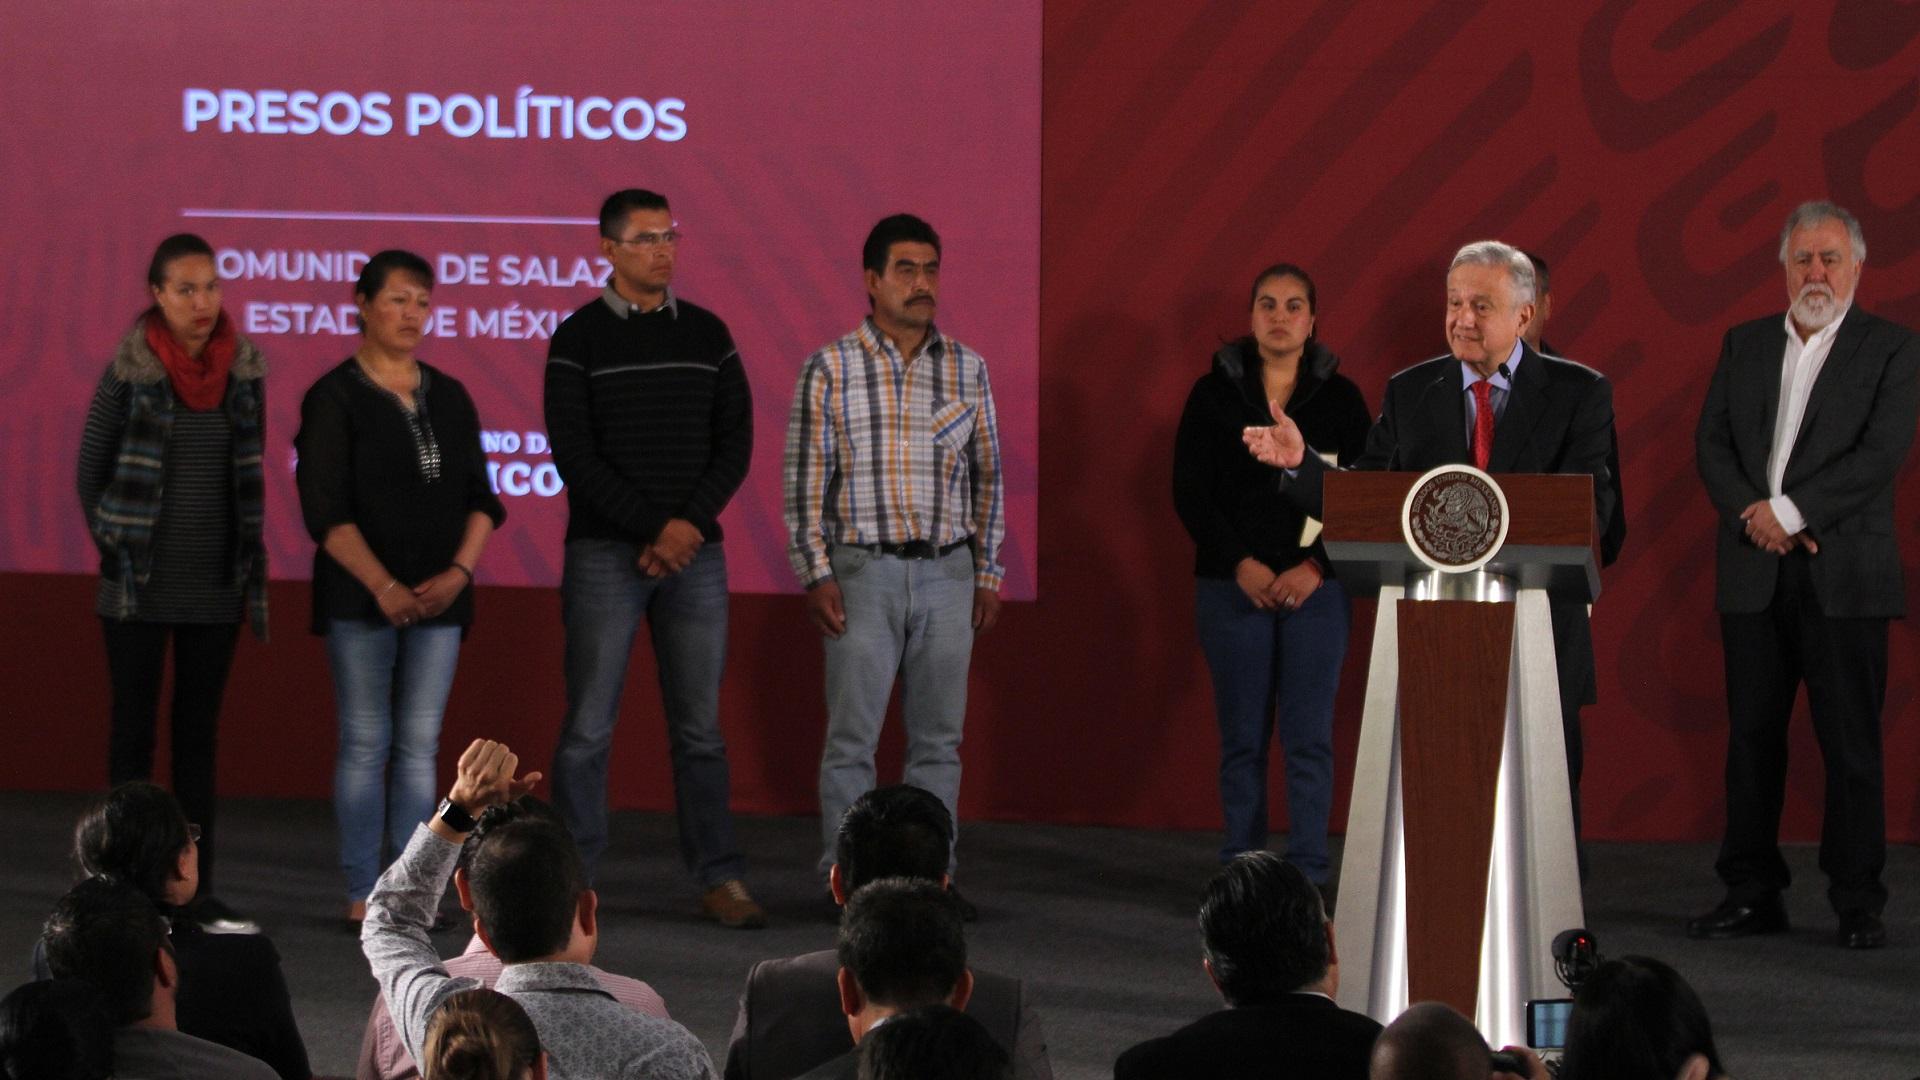 Presos políticos en conferencia de prensa de AMLO. Foto de Notimex